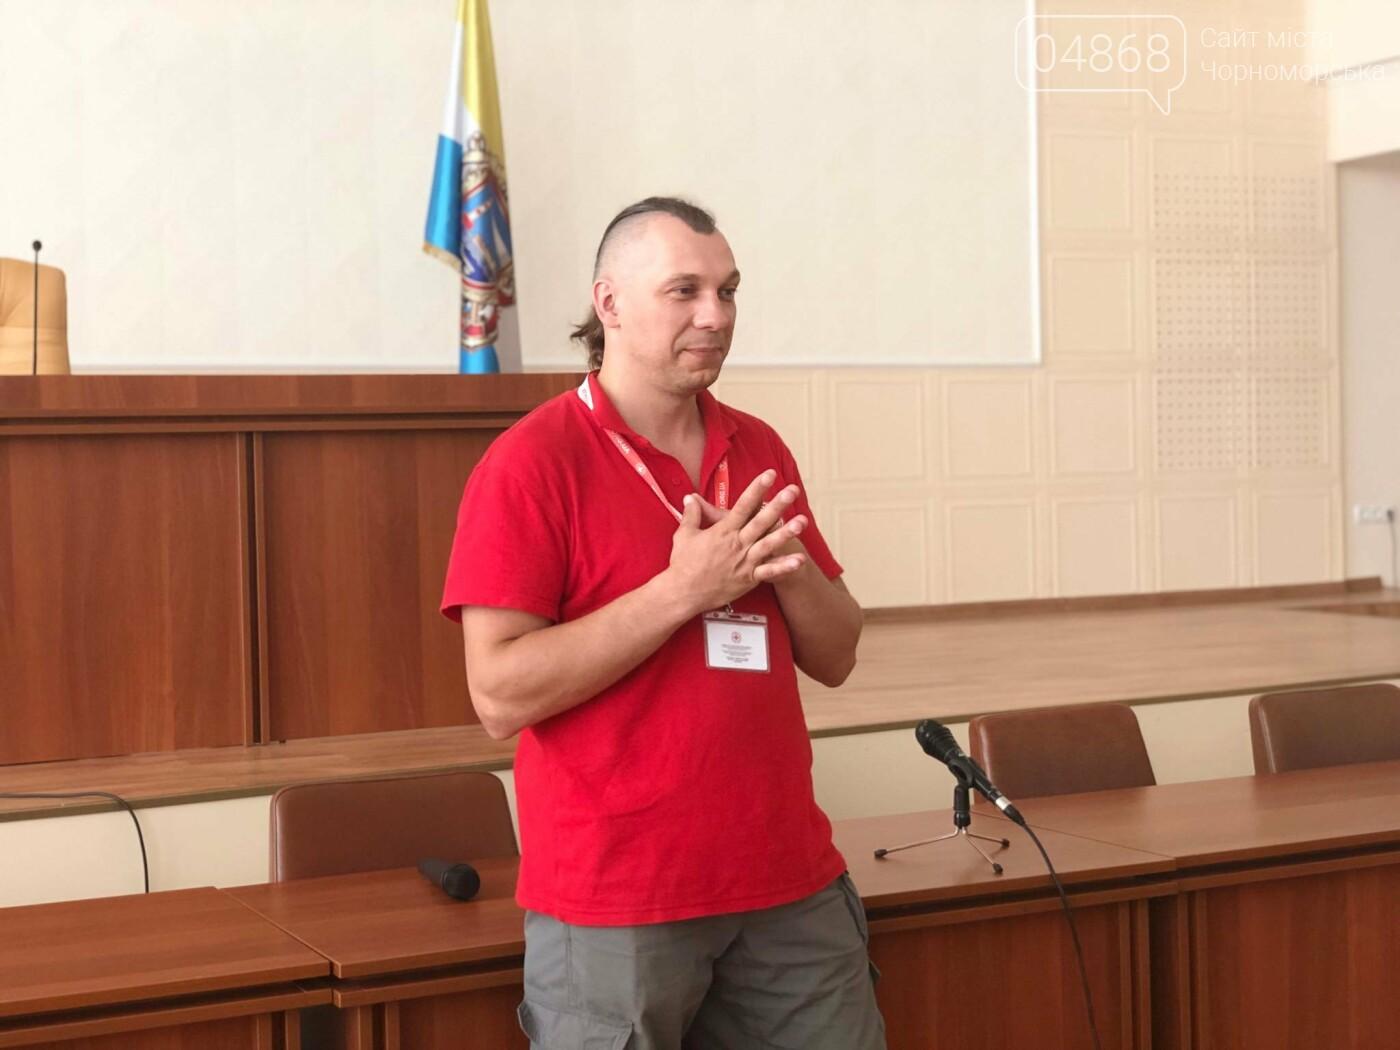 В Черноморске прошёл мастер-класс по оказанию первой помощи для детей, фото-2